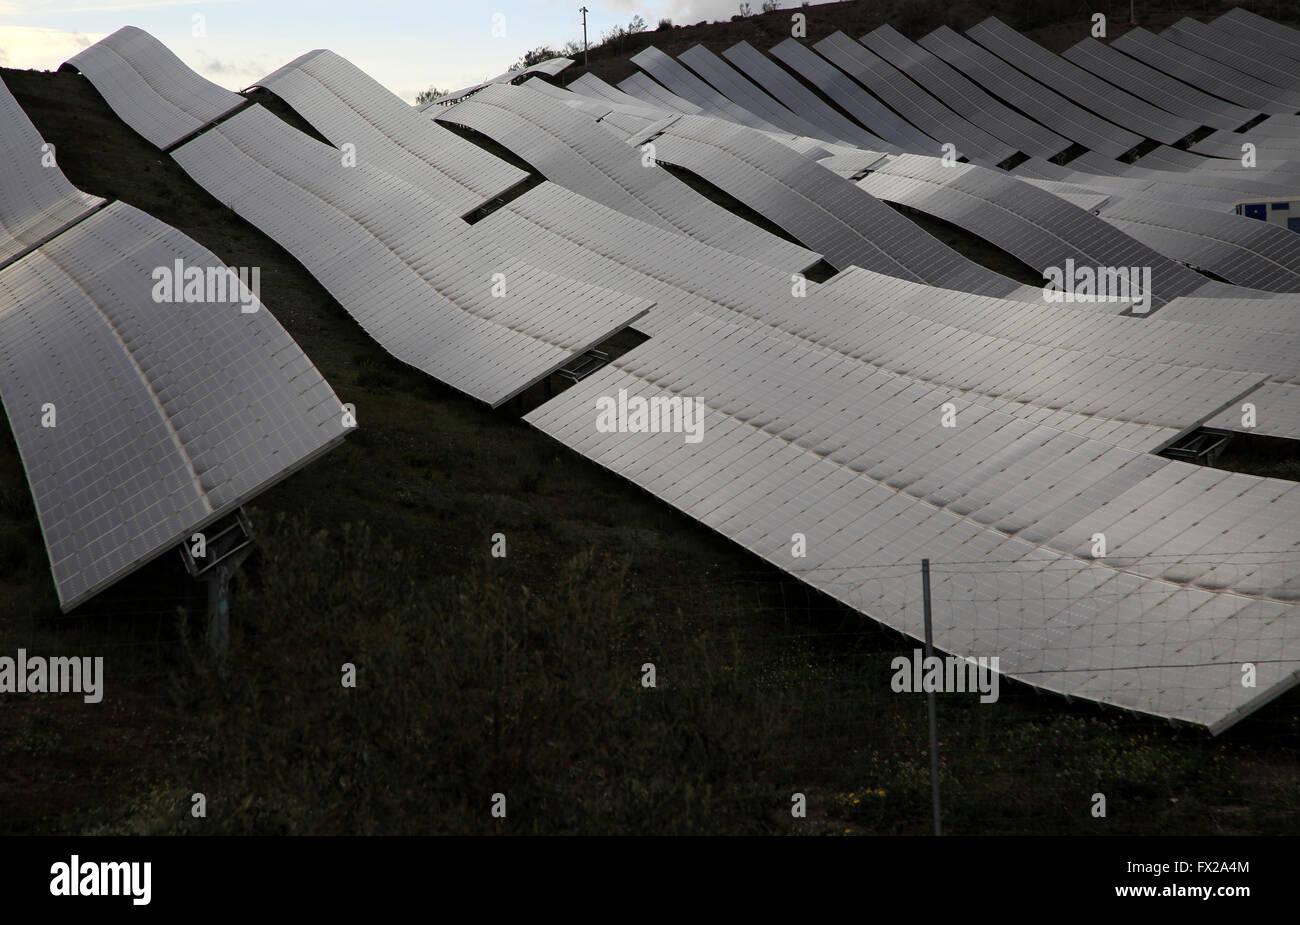 Matriz de paneles solares en un día nublado gris, Sierra Alhamilla, cerca de Nijar, Almería, España Imagen De Stock